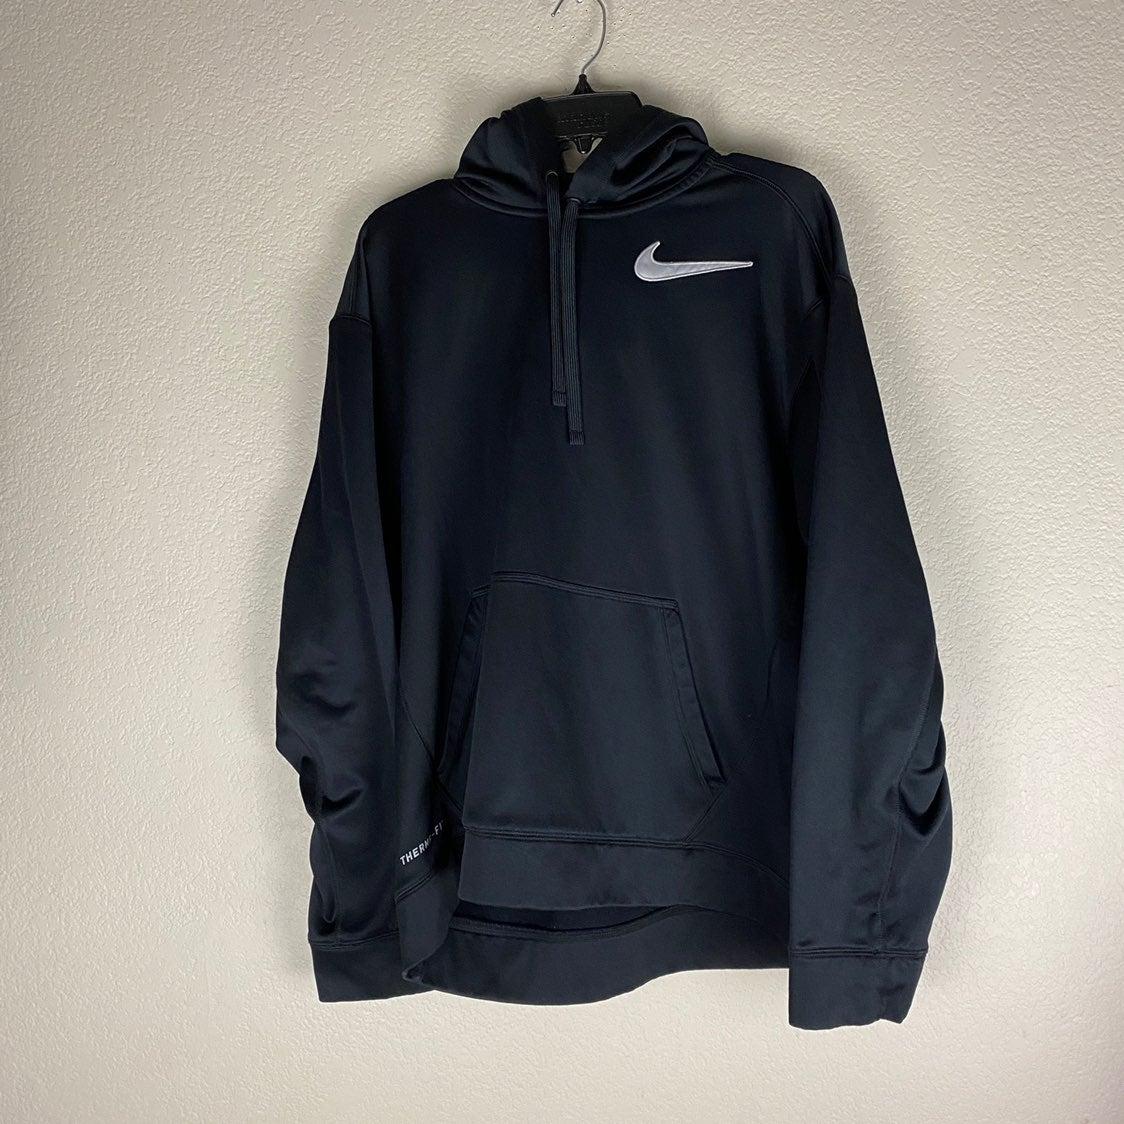 Nike Therma Fit Hoodie Jacket Mens XL